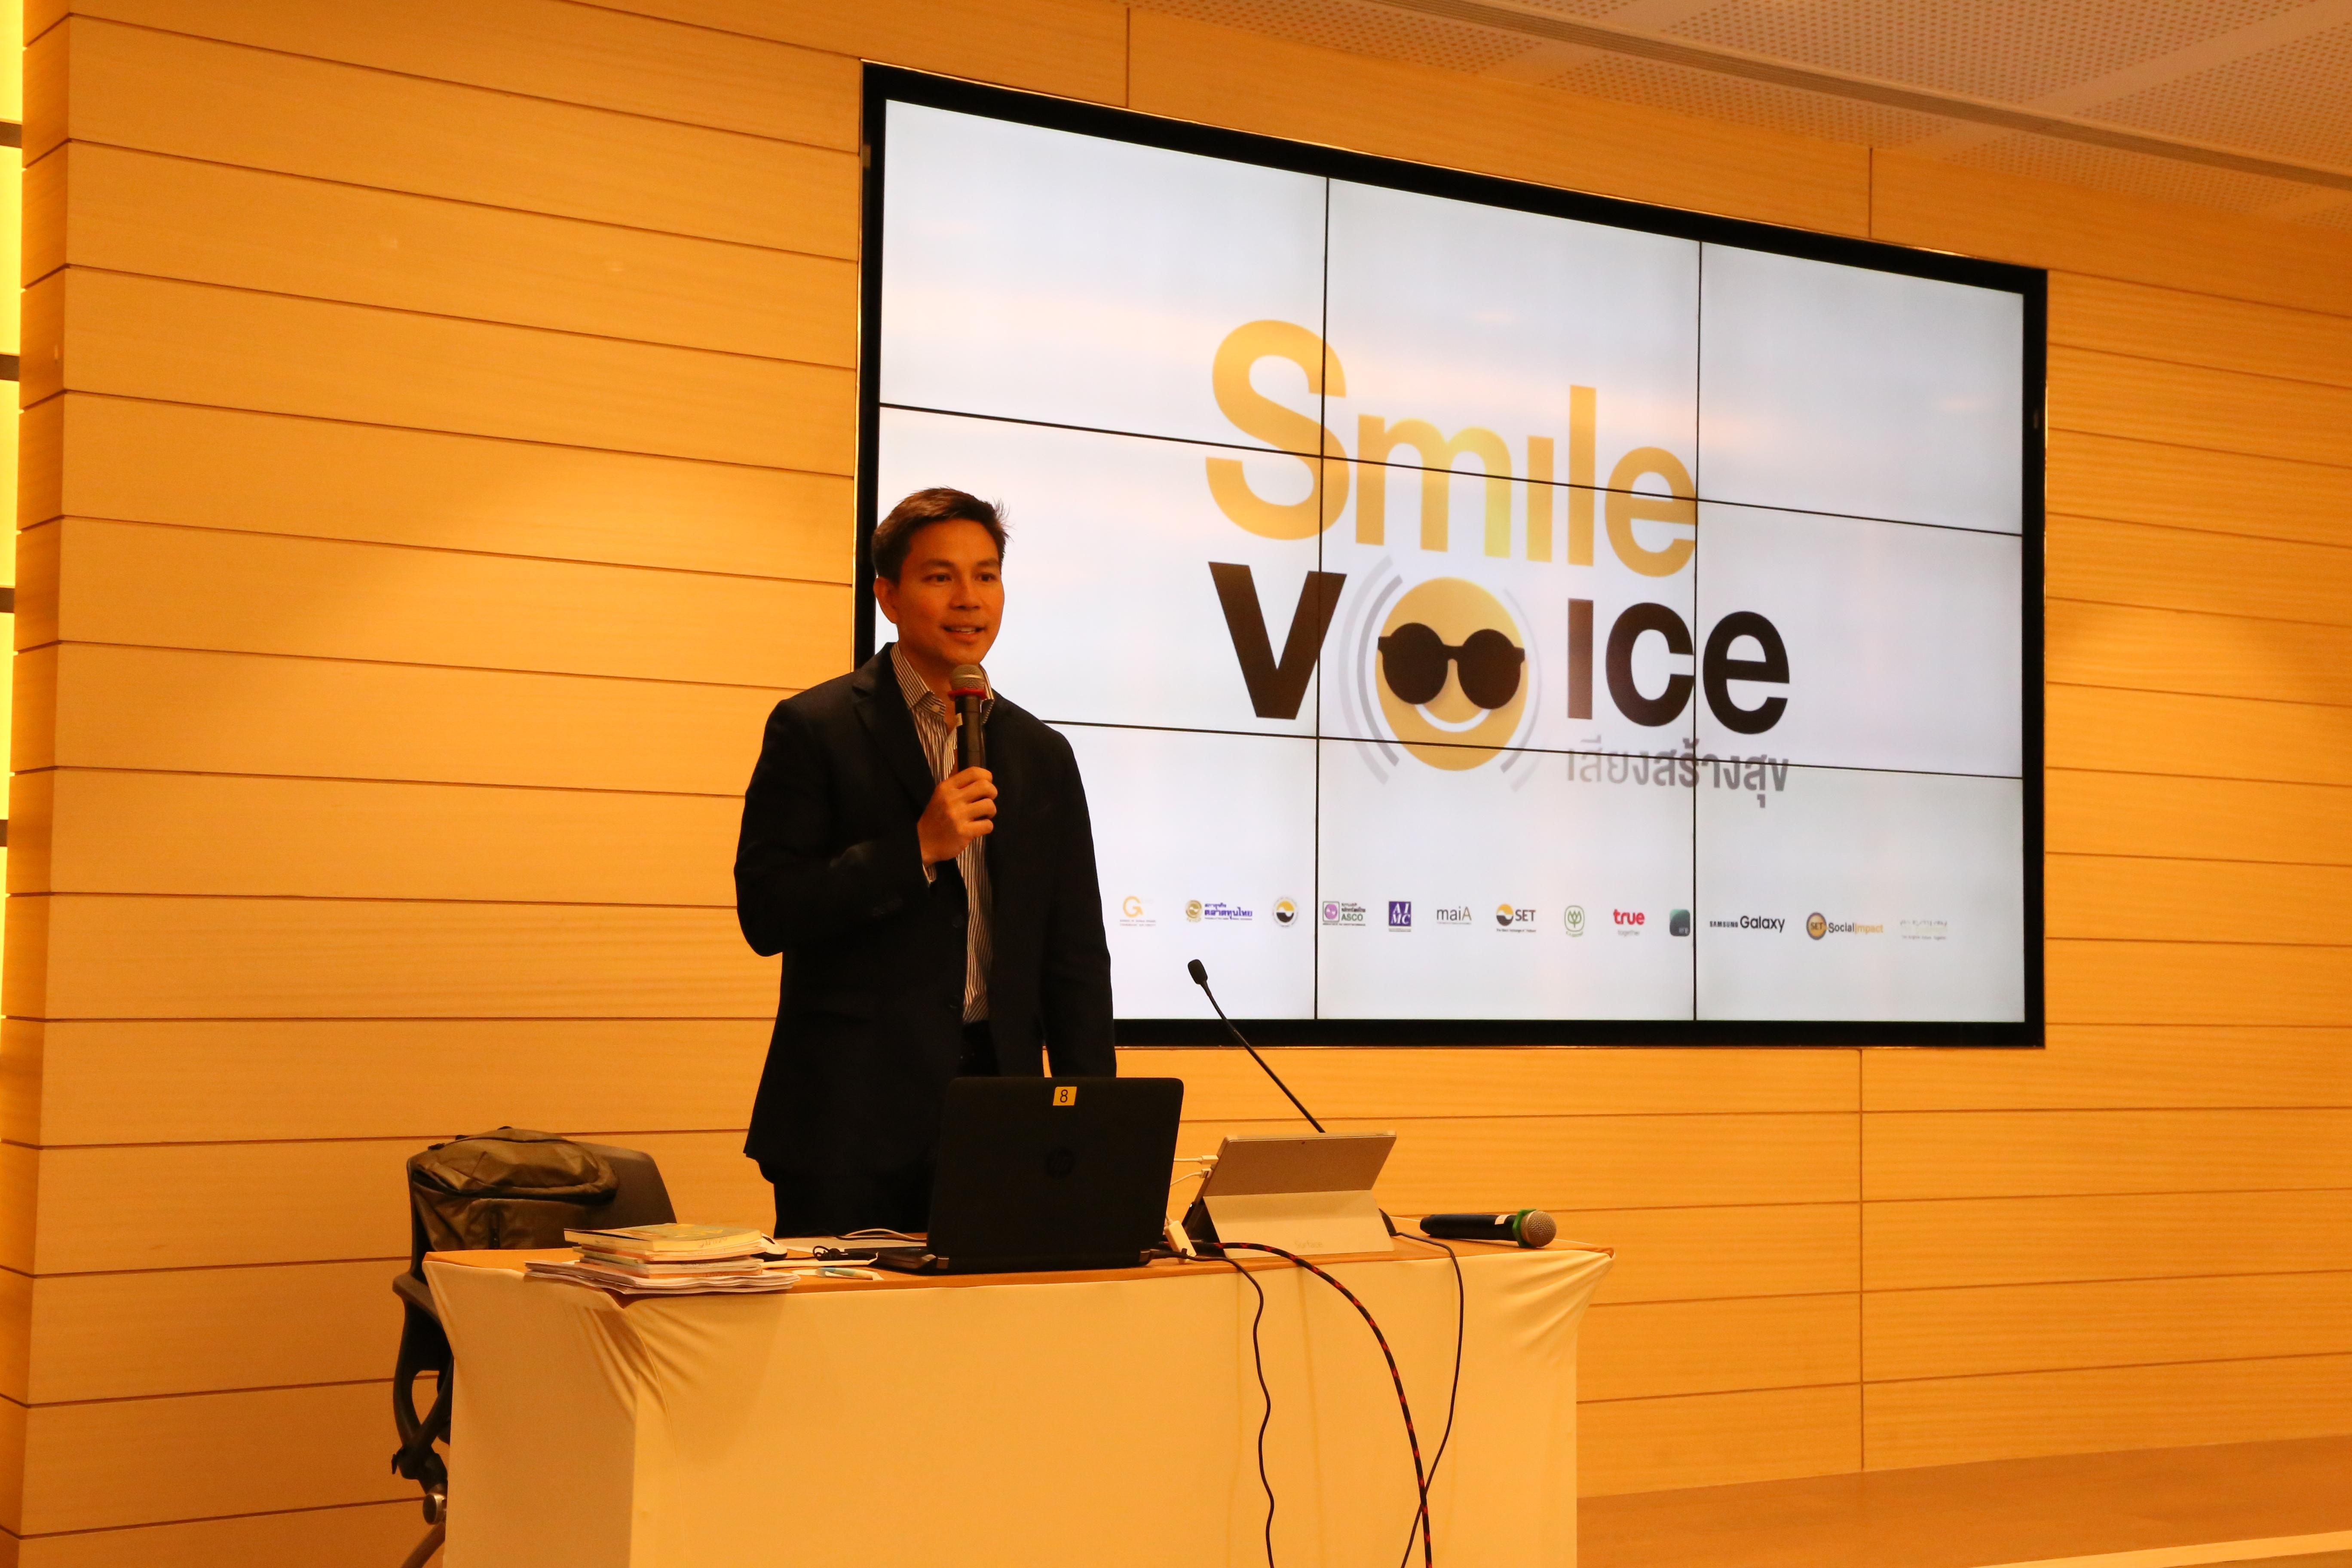 """ภาพบรรยากาศ การอบรมทักษะการอ่านหนังสือเสียงจากโครงการ Smile Voice """"เสียงสร้างสุข"""""""